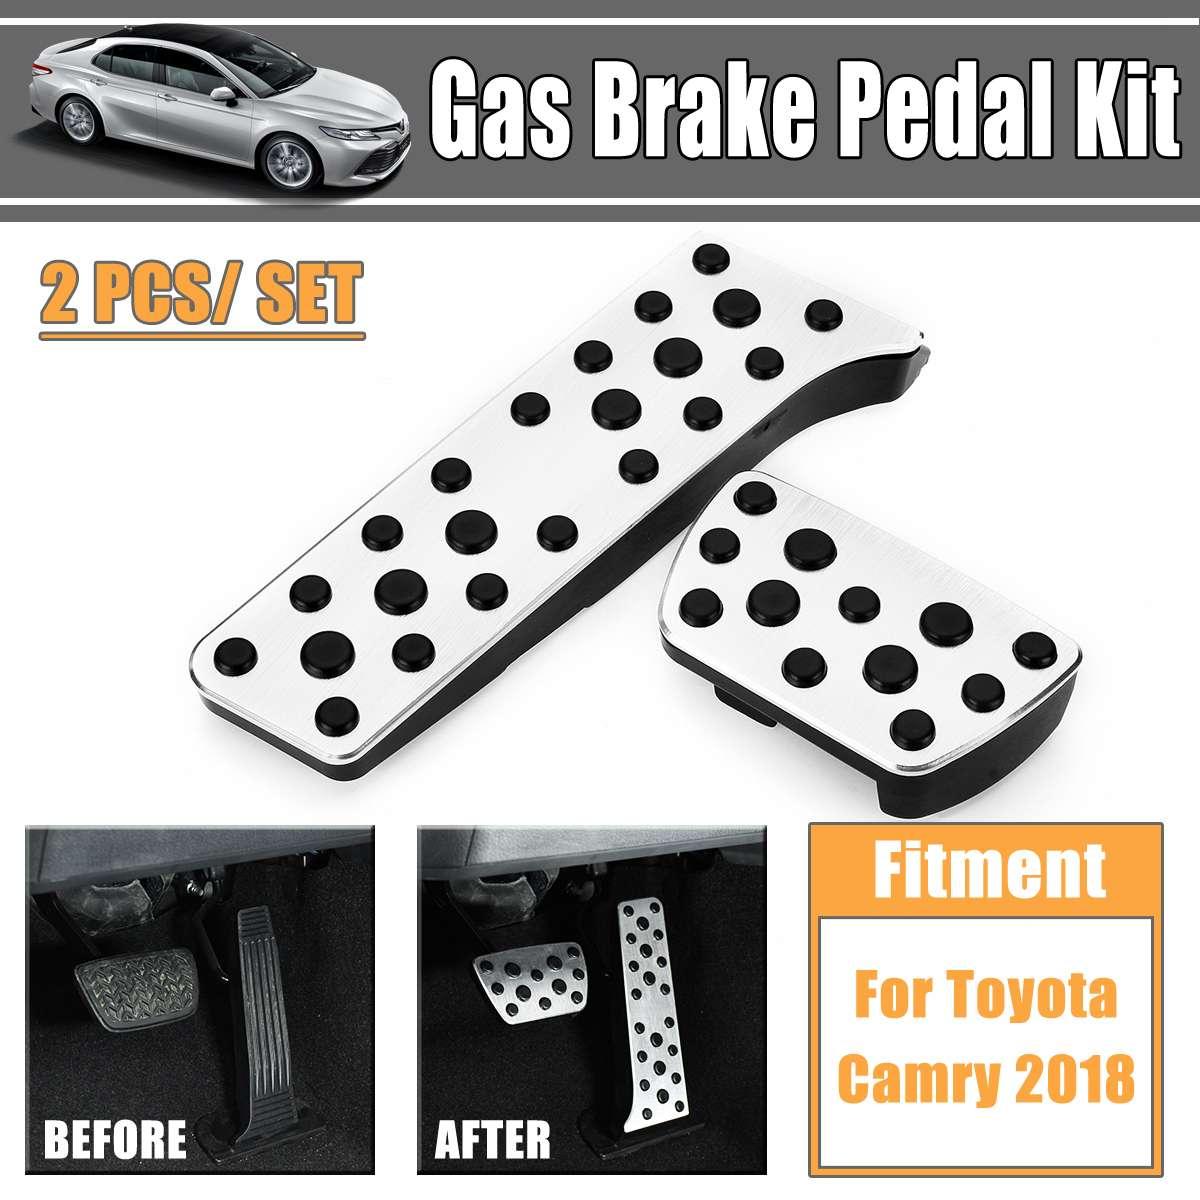 2 Pcs Car Styling Refit Piastra Del Pedale Della Frizione Acceleratore Freno A Pedale Del Gas In Lega Di Alluminio Pedale Kit Pedale Per Toyota Camry 2018